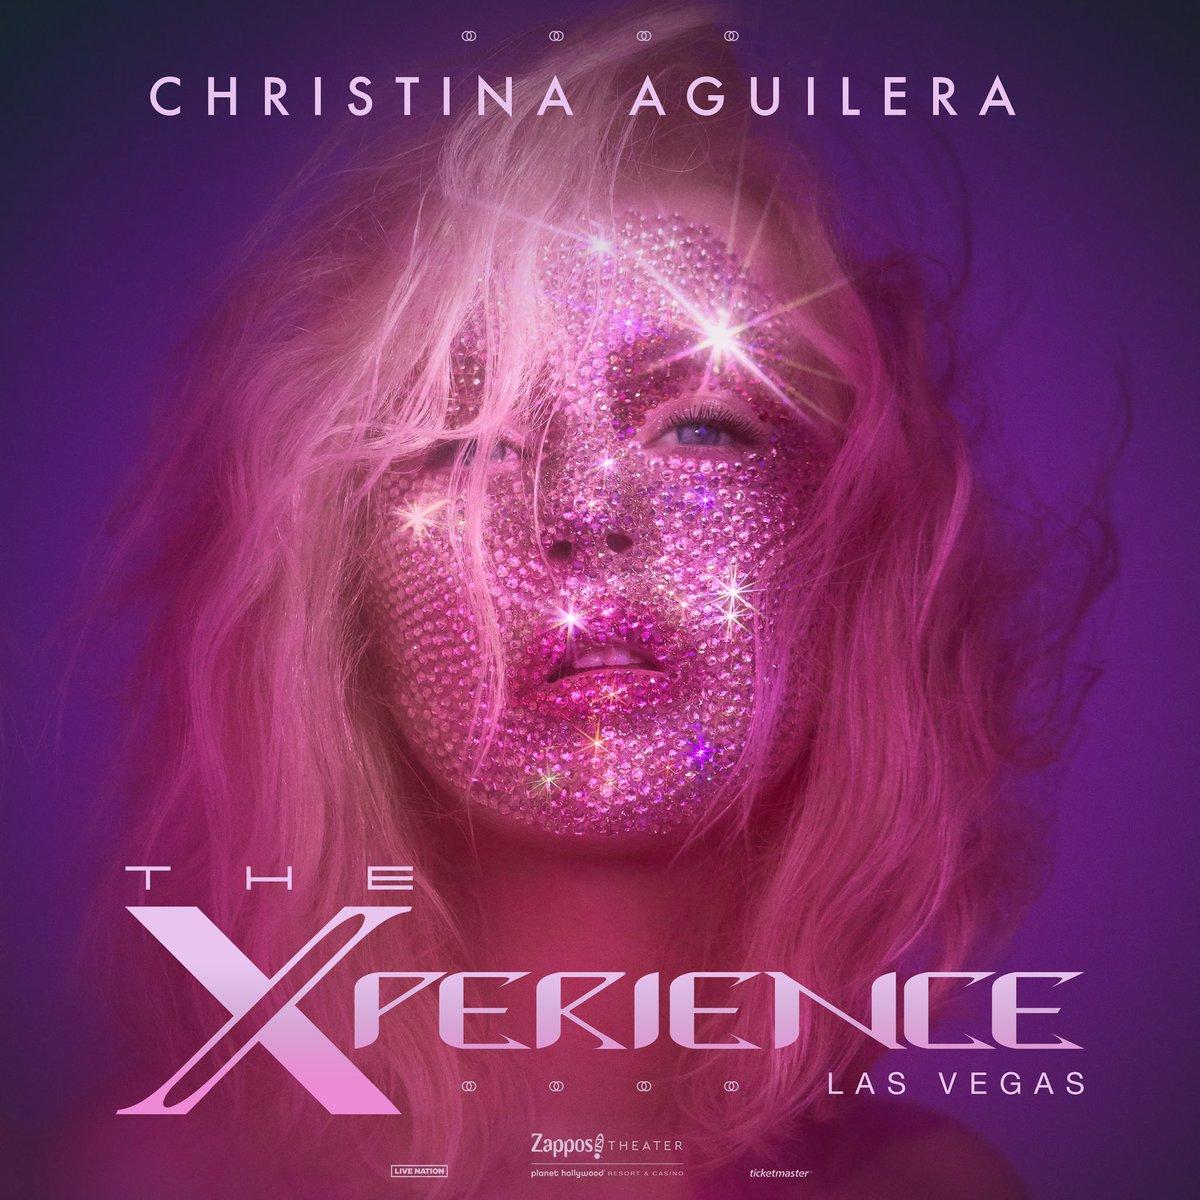 #TheXperience pero por supuesto que JALISCO, súper se Armin van Buuren. @xtina <3